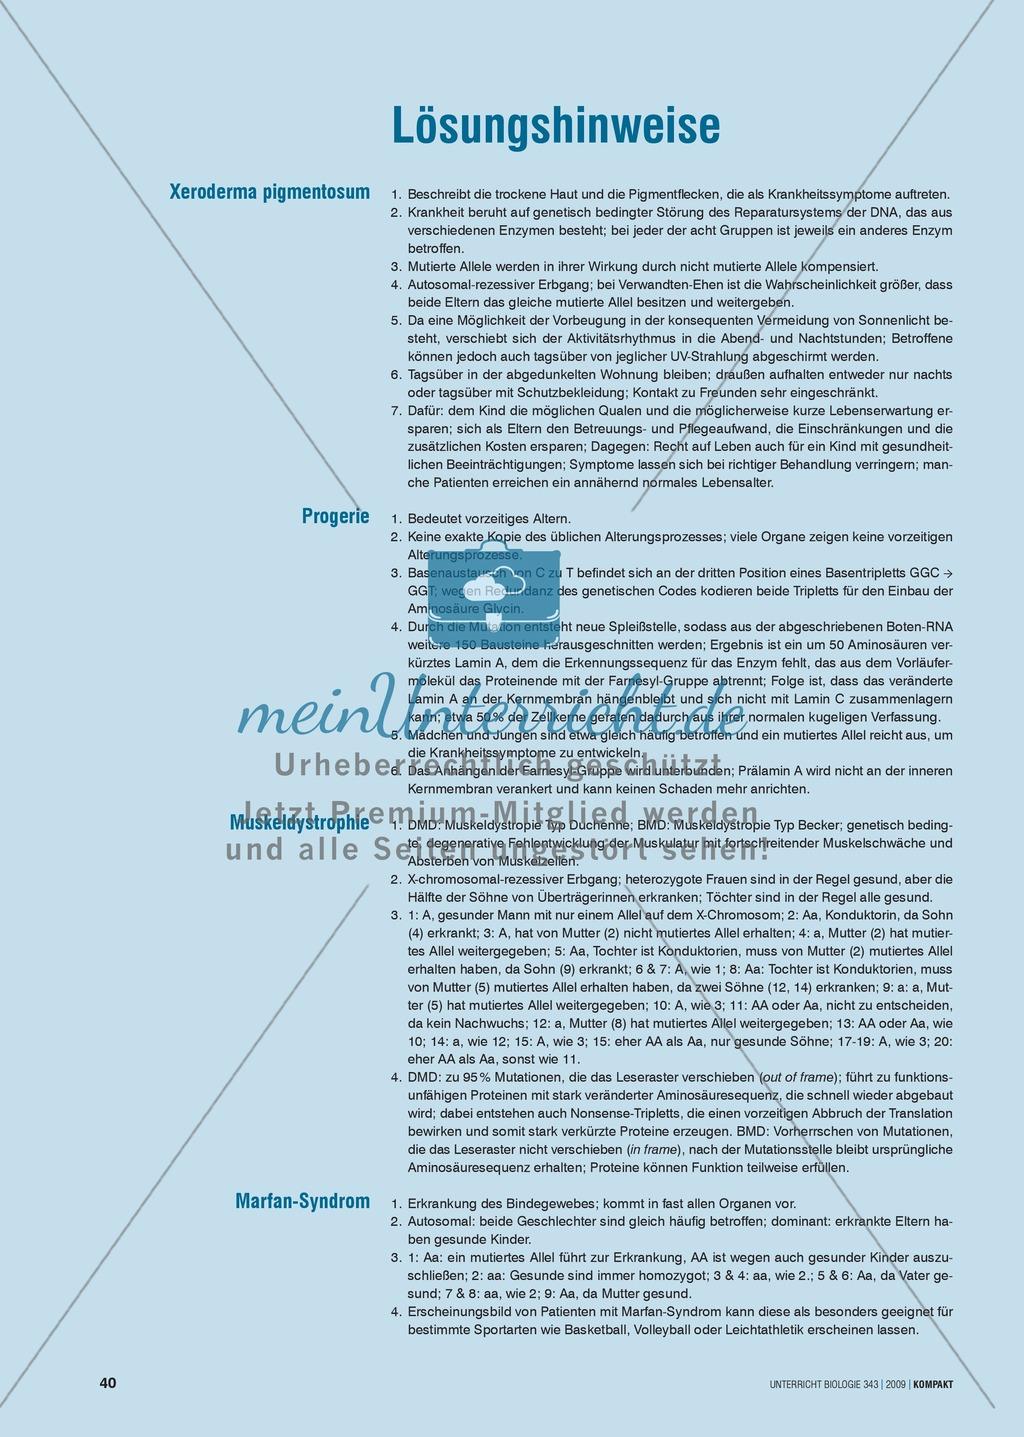 Genetik: Untersuchung erblich bedingter Erkrankungen der Muskulatur am Beispiel der Muskeldystrophie Preview 5